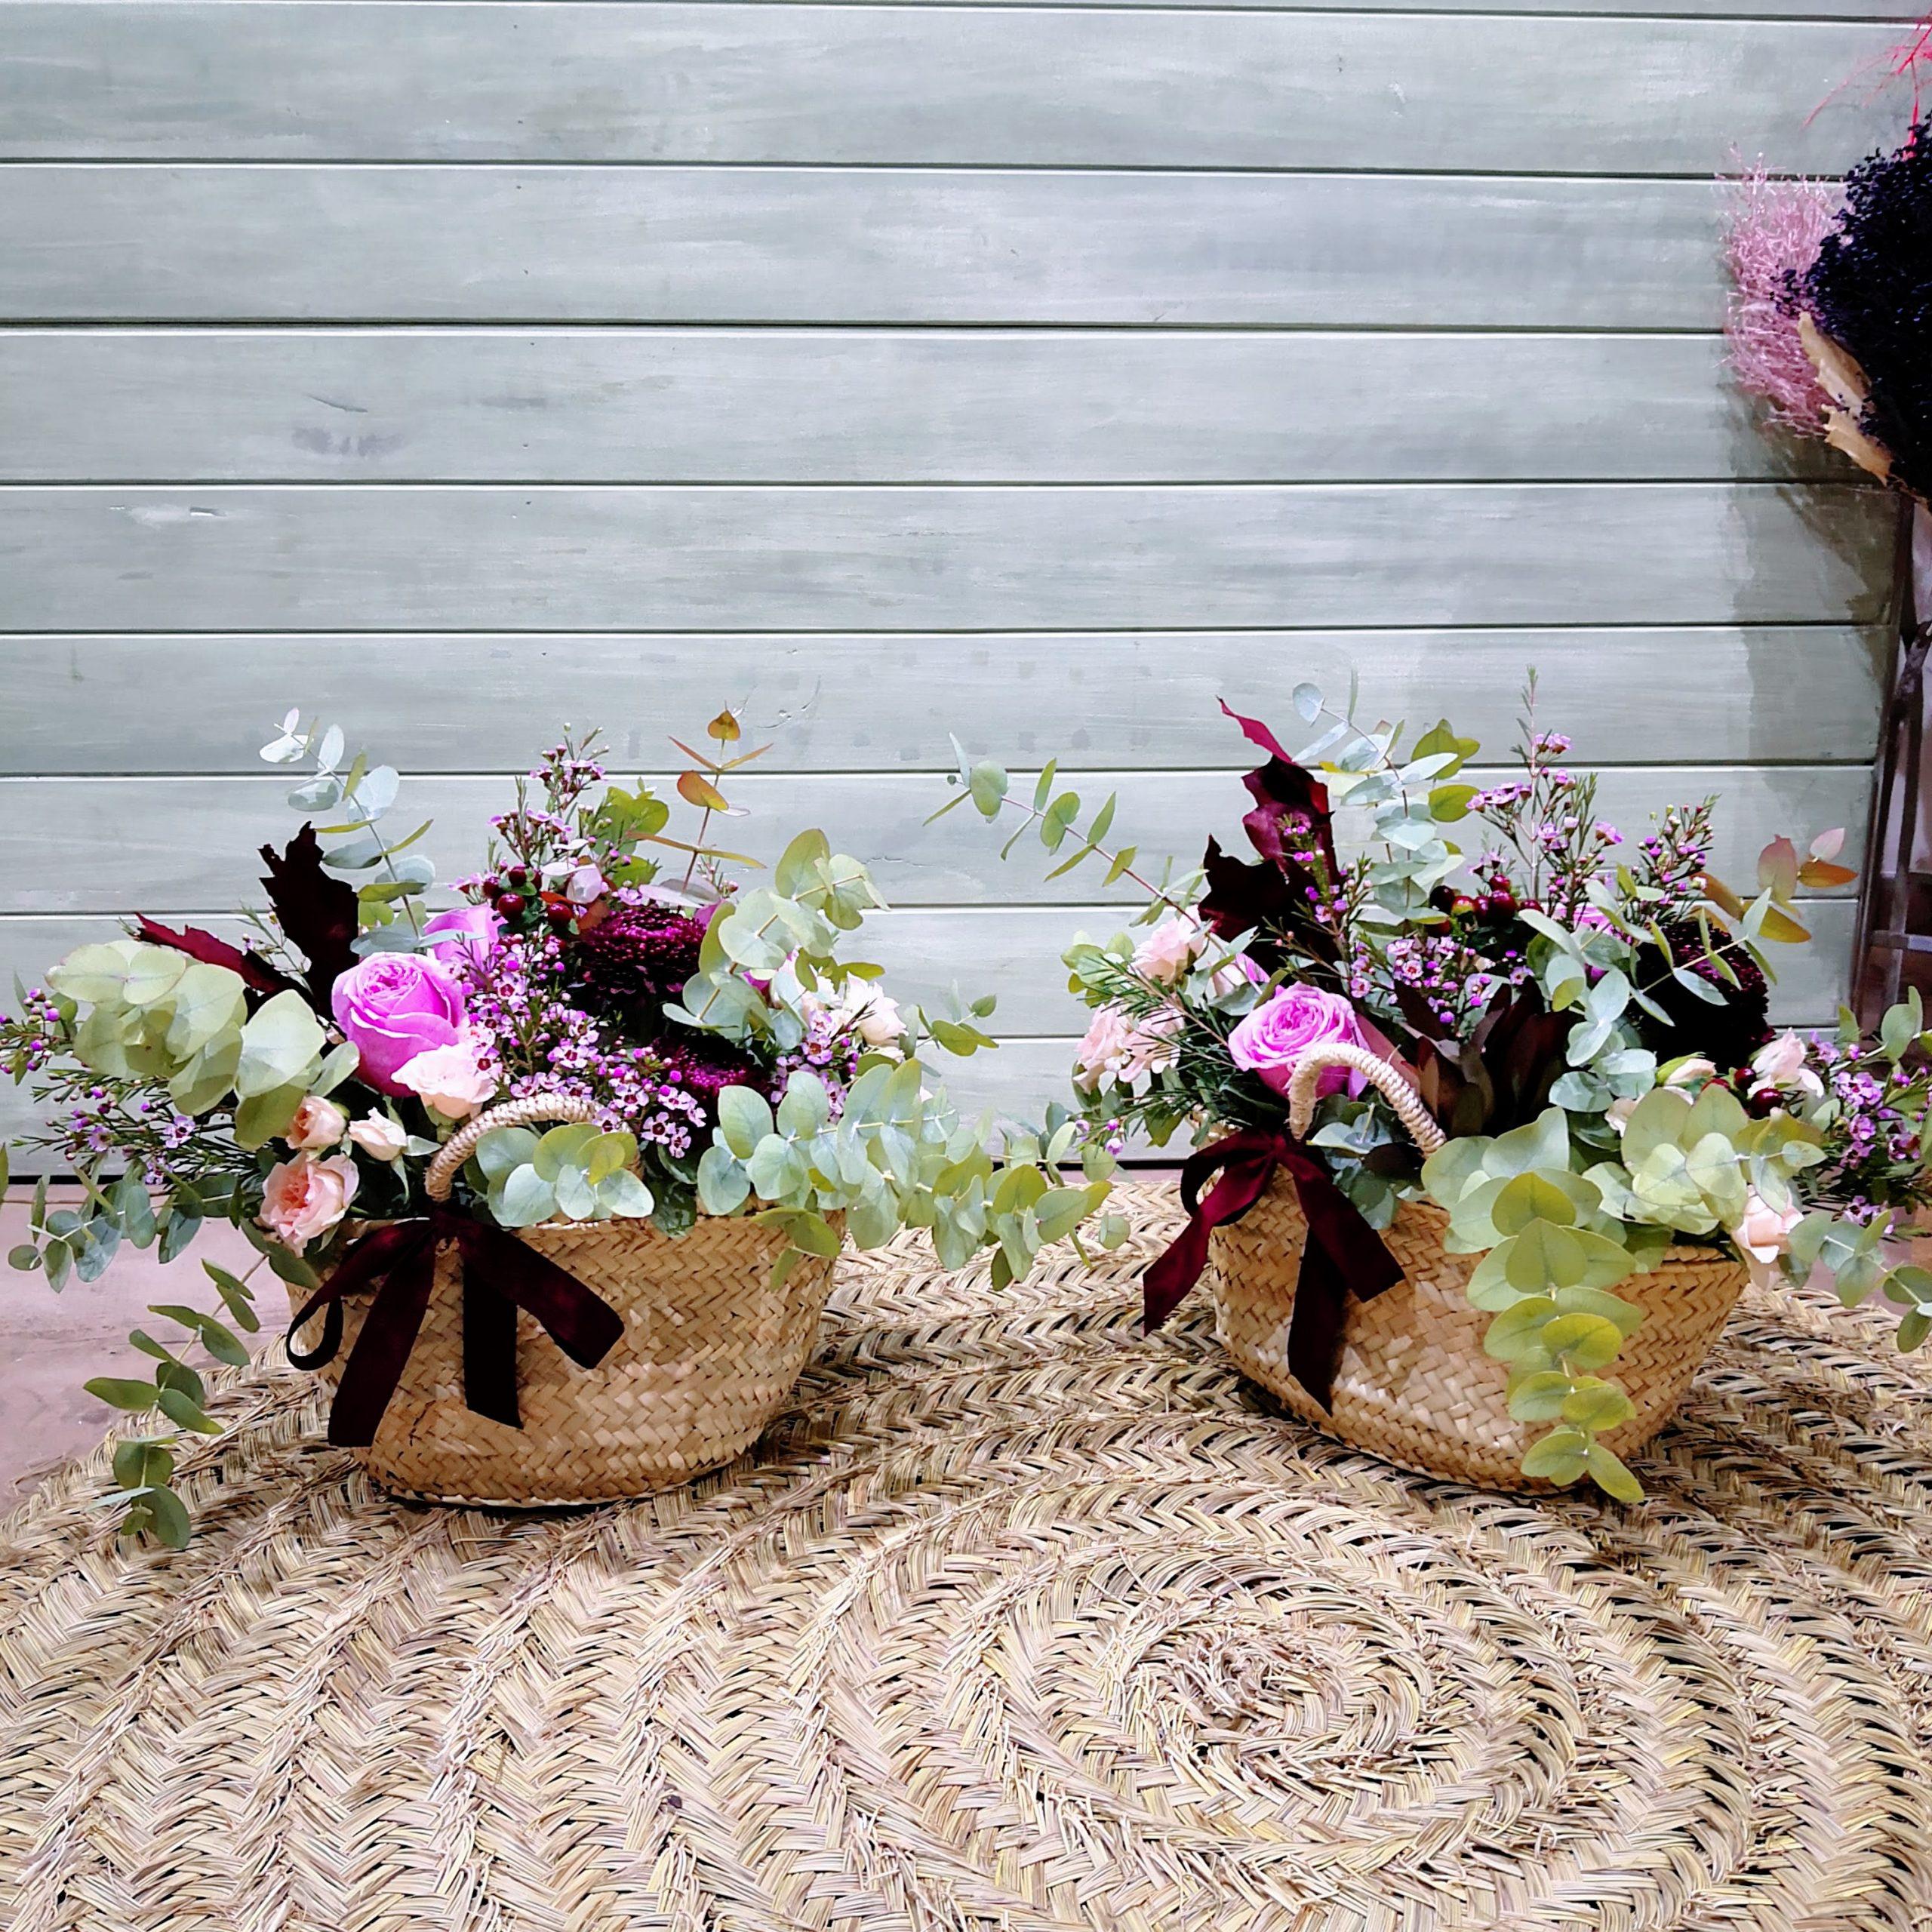 Cestas de mimbre con flores secas